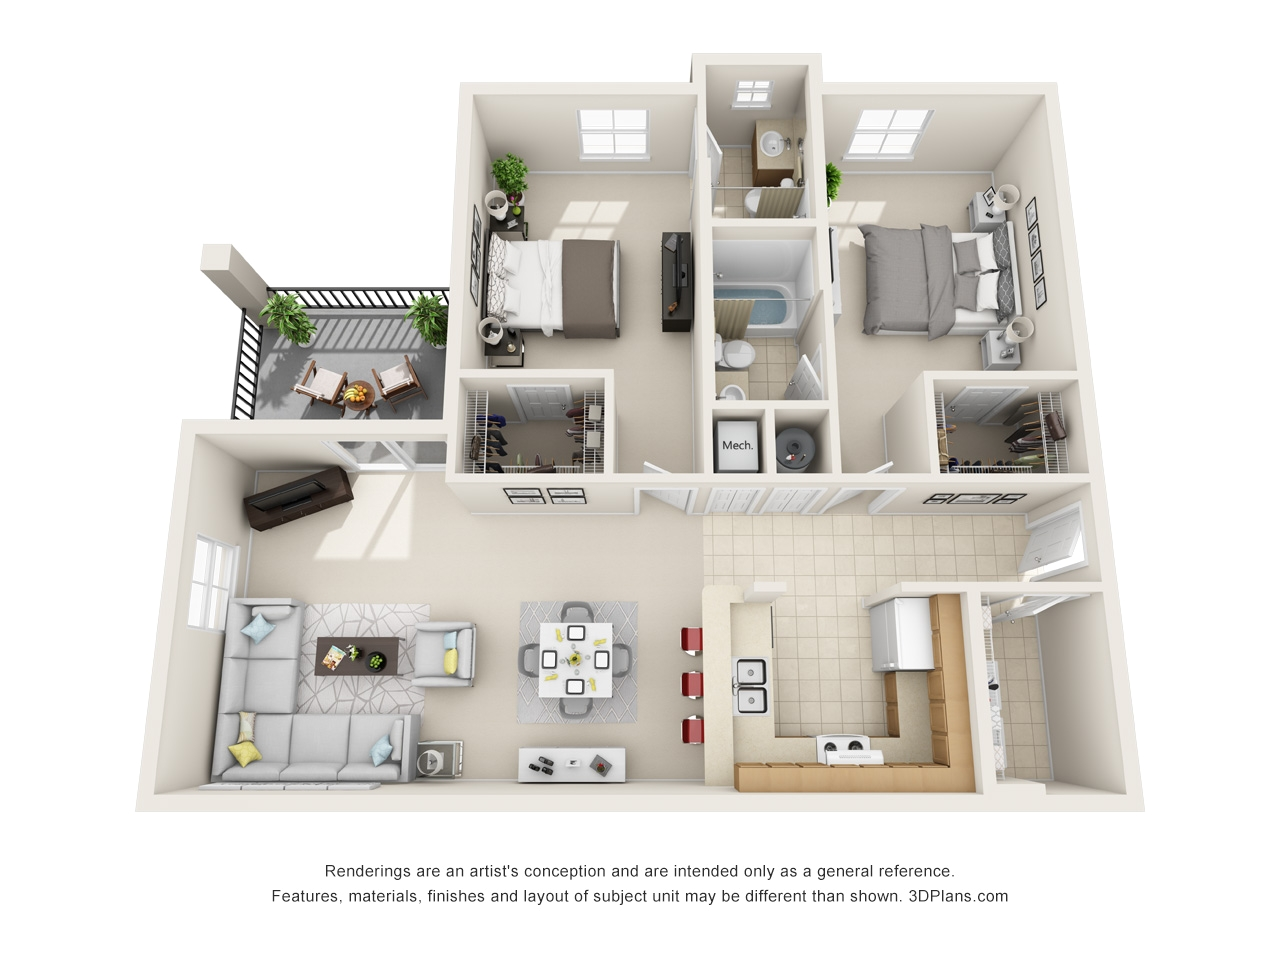 4 Bedroom 3 Bath Apartments In orlando 2 Bed 2 Bath